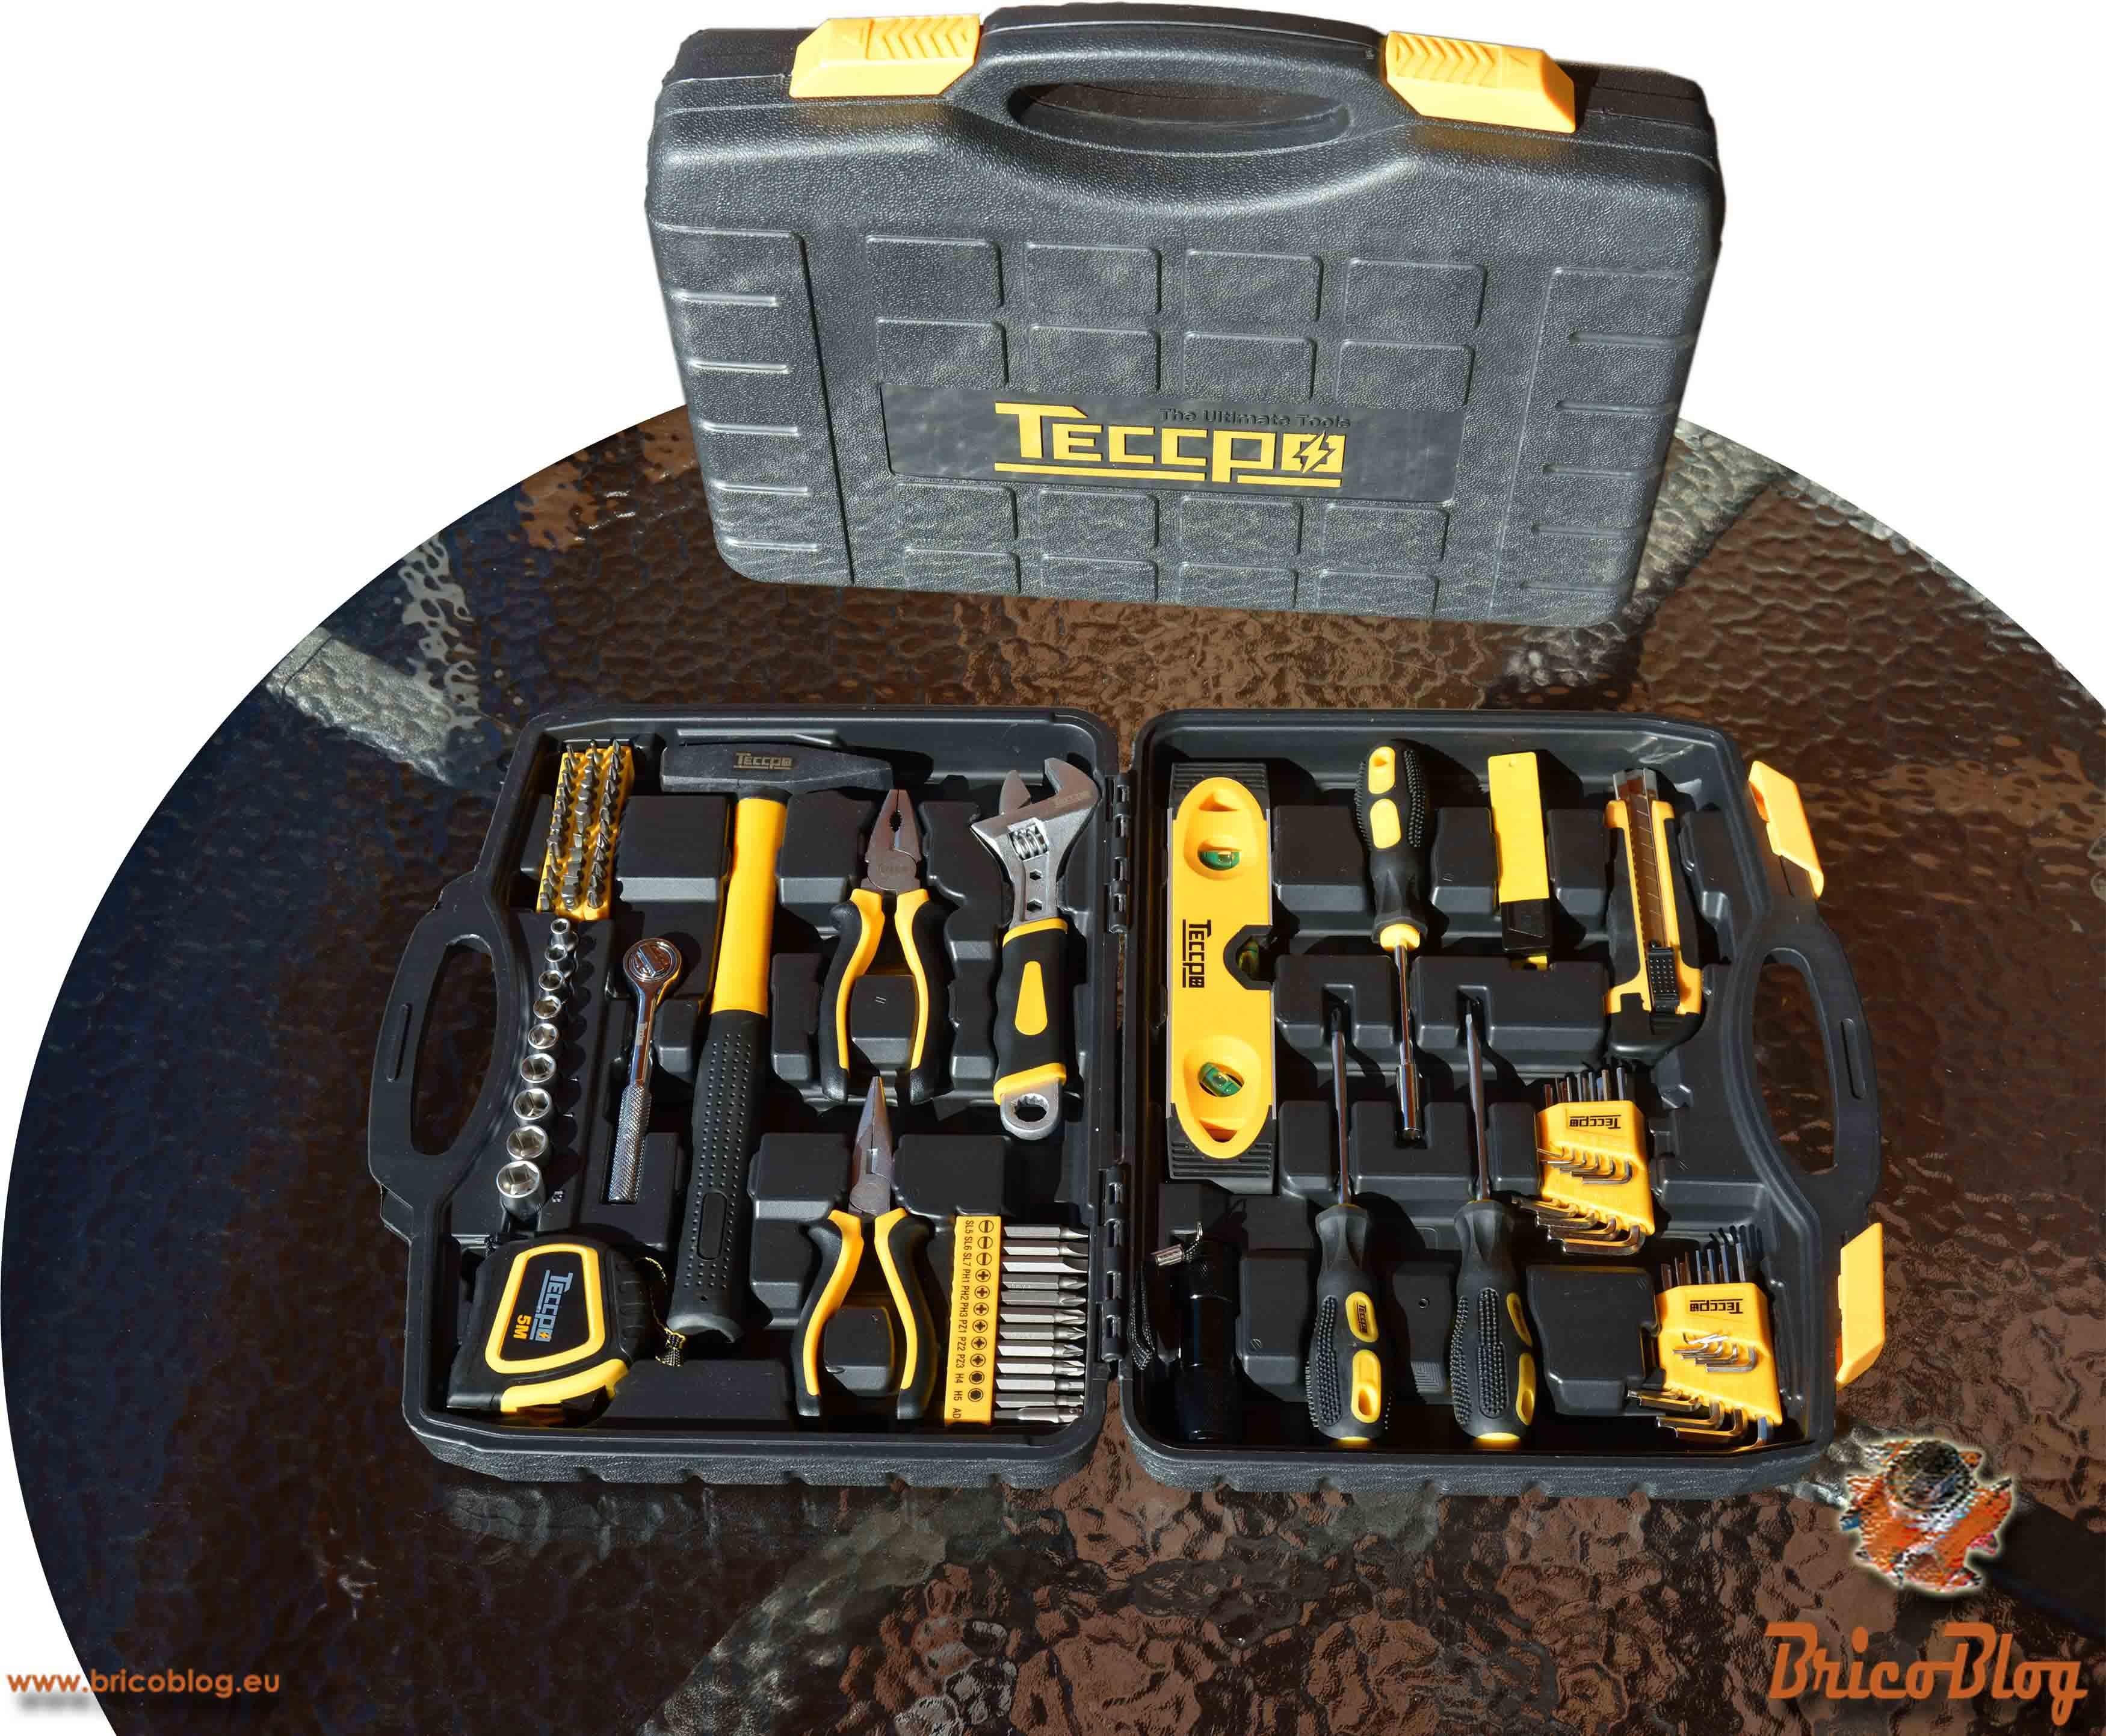 herramientas basicas para el hogar - foto 1B